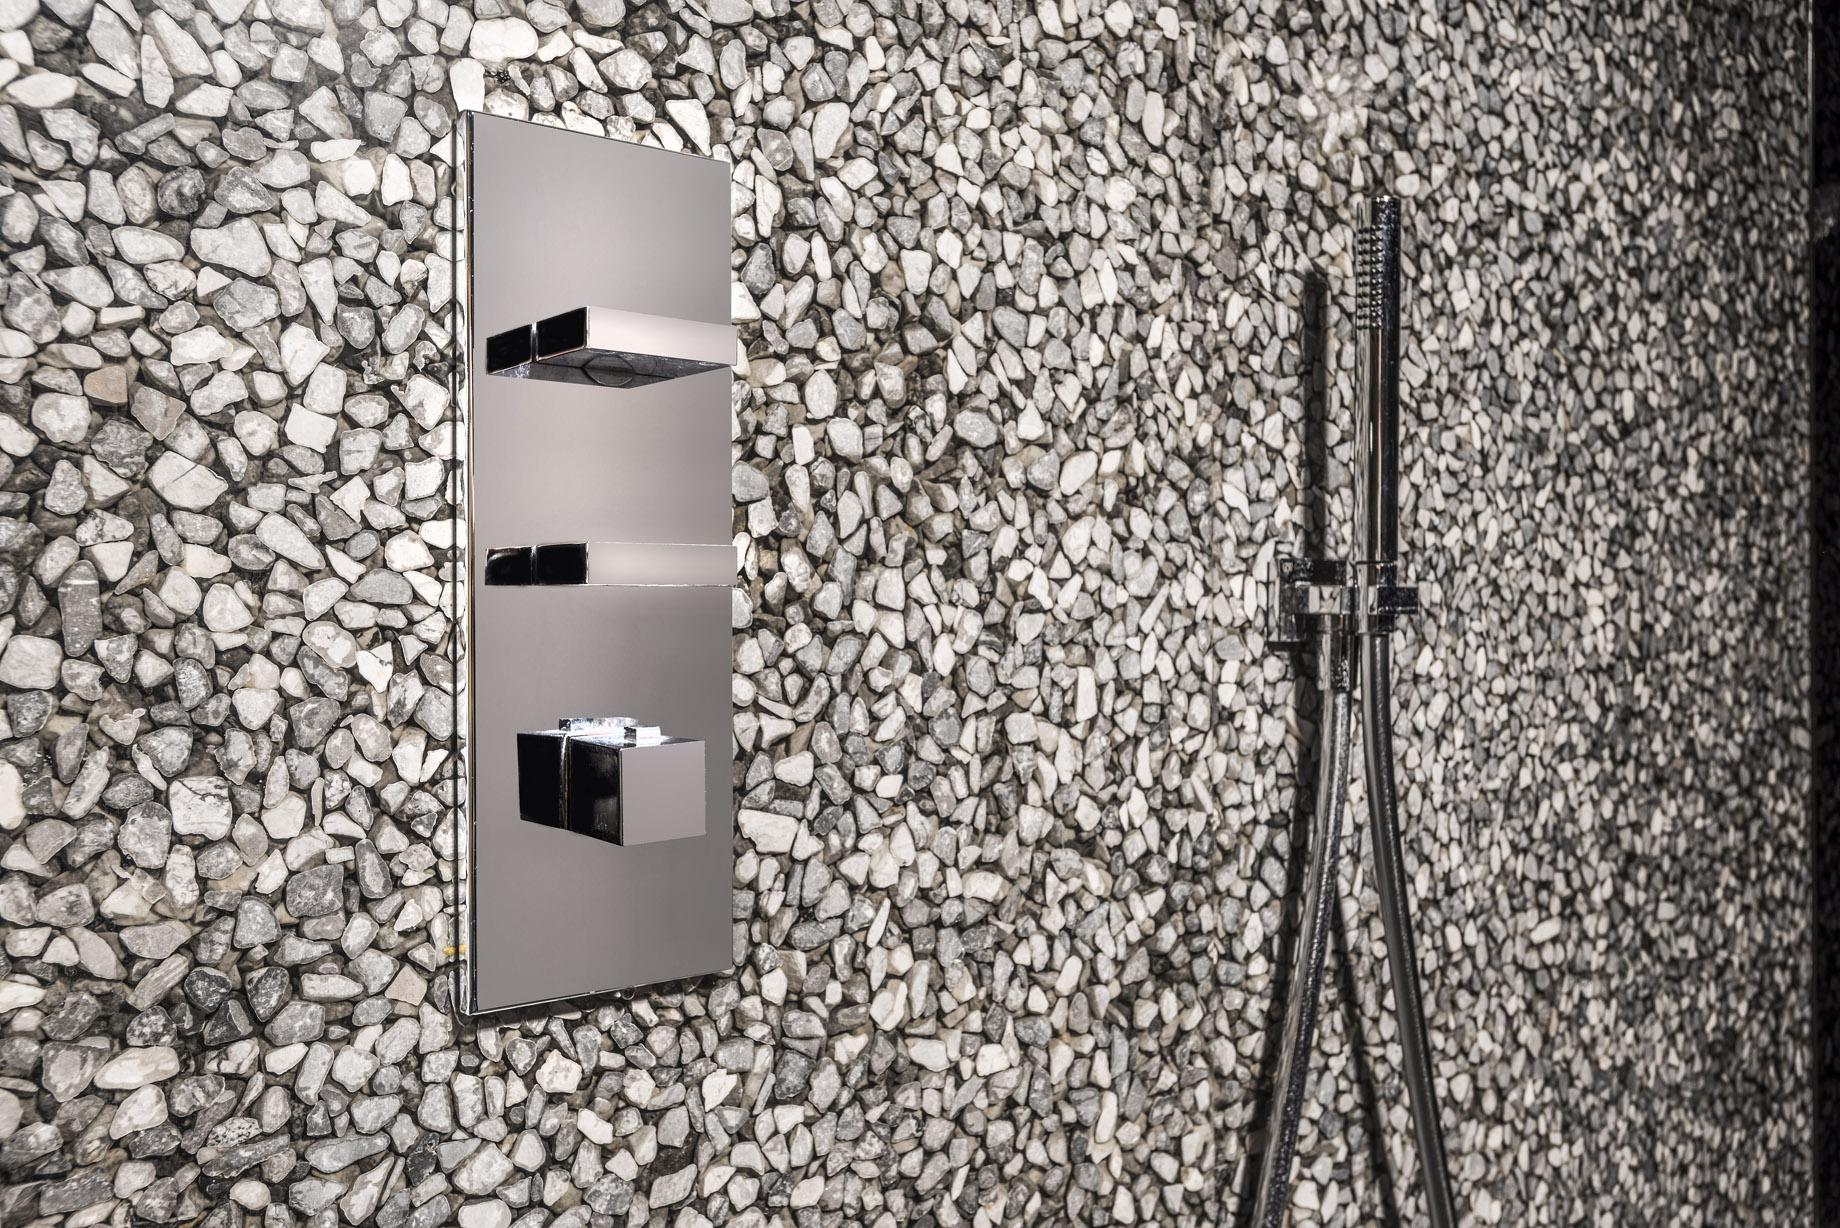 Dunne Tegels Badkamer : Dunne keramische xxl tegels zijn niet waterdicht